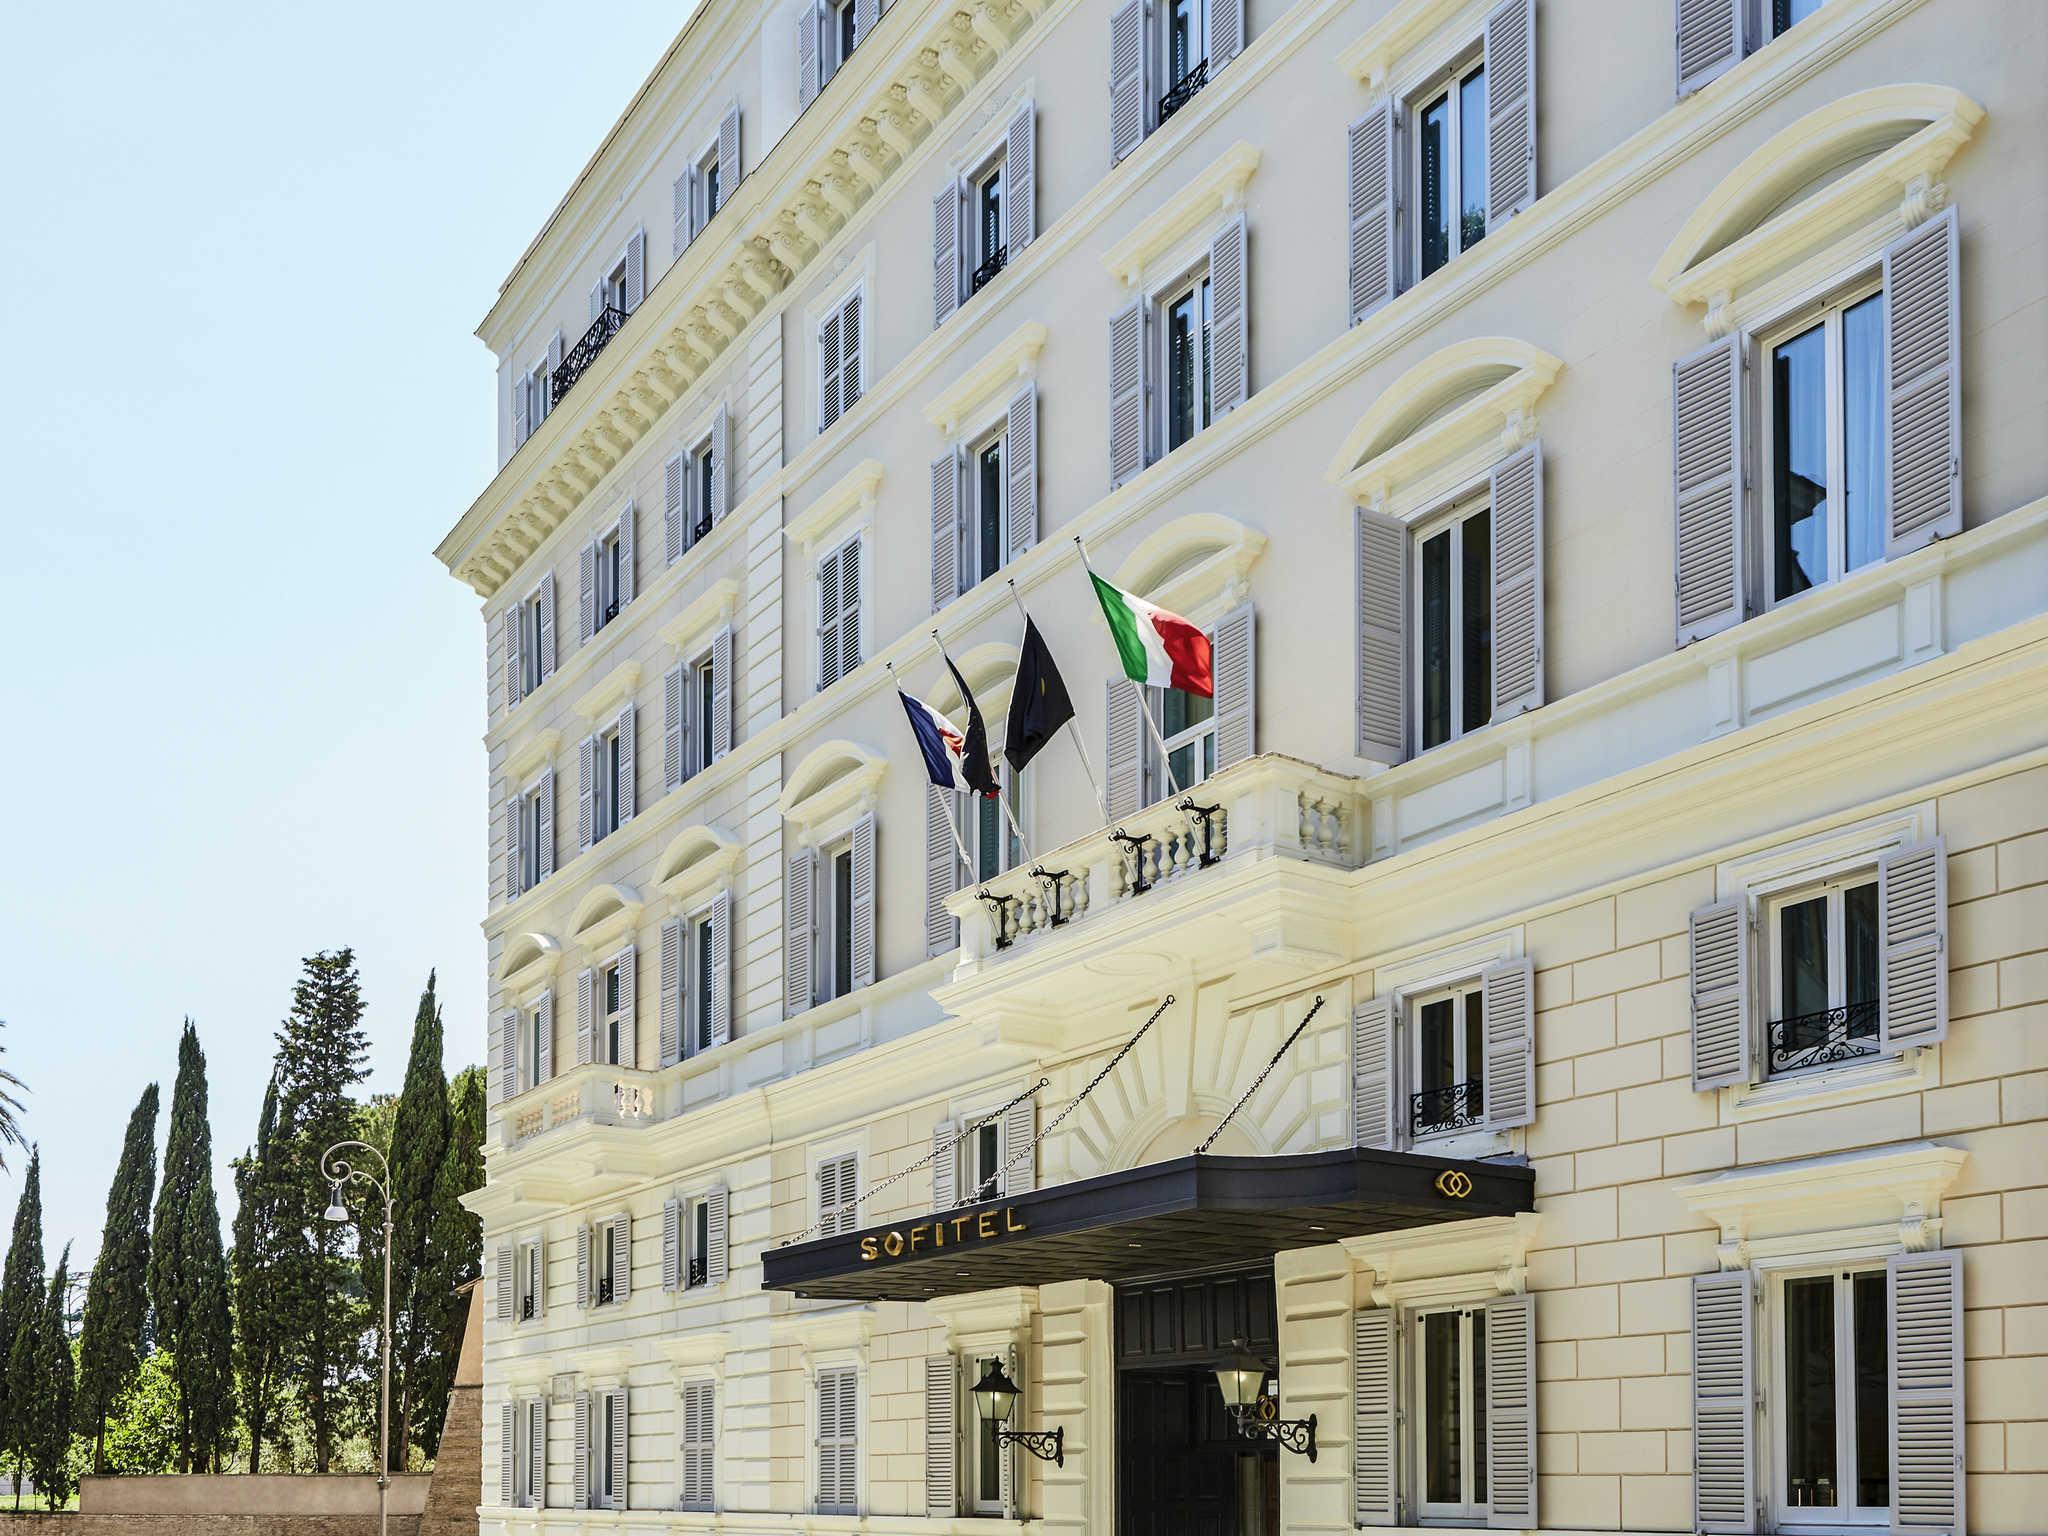 Hotel – Sofitel Rome Villa Borghese